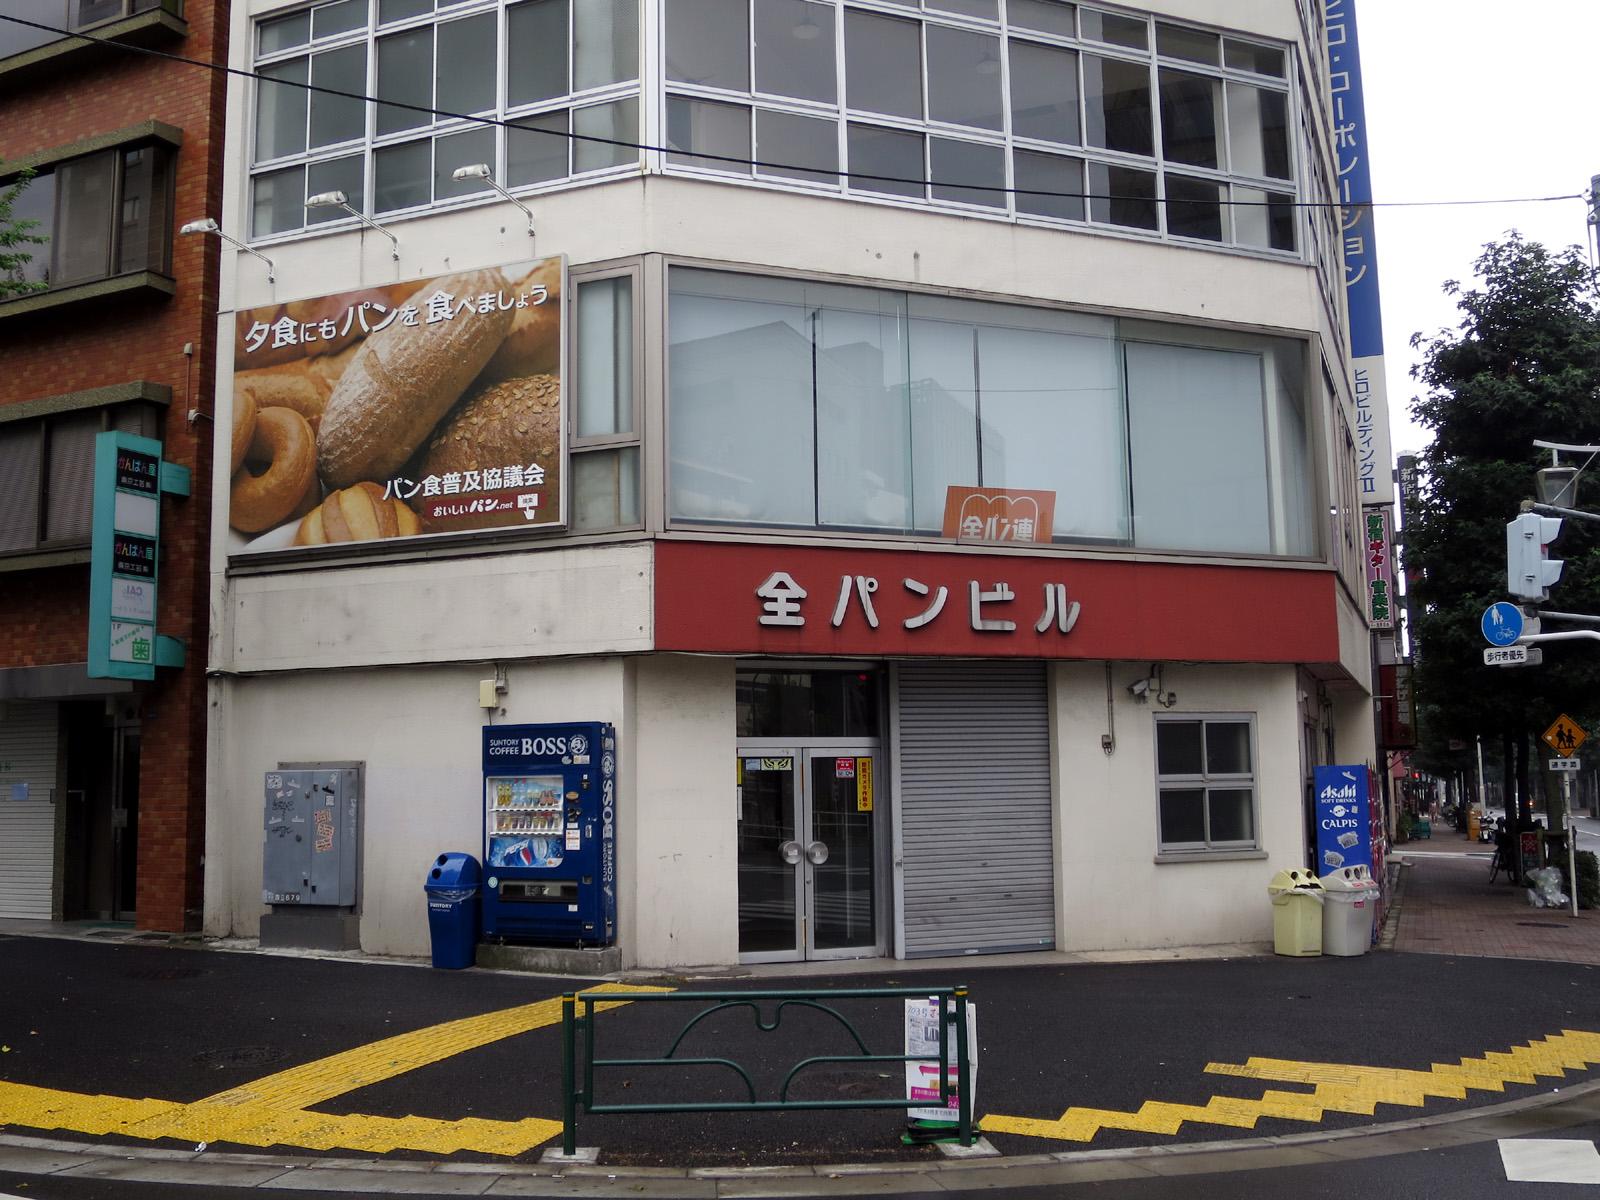 048_3 全パンビル 新宿区新宿1-34-9(2015_0813_073006)